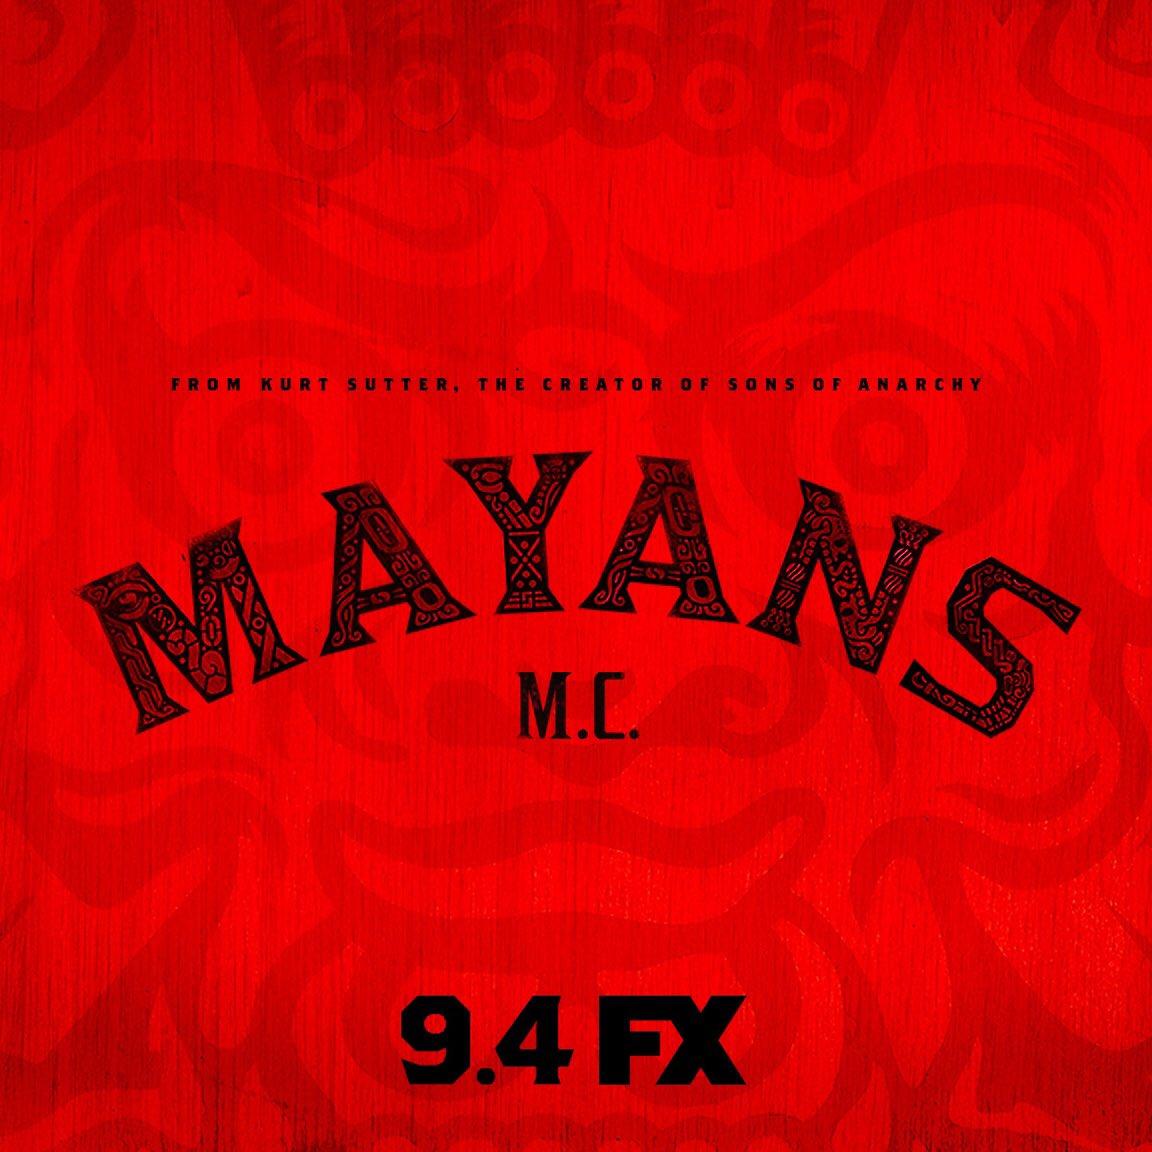 Mayans MC - Season 1 Premiere تاریخ Poster